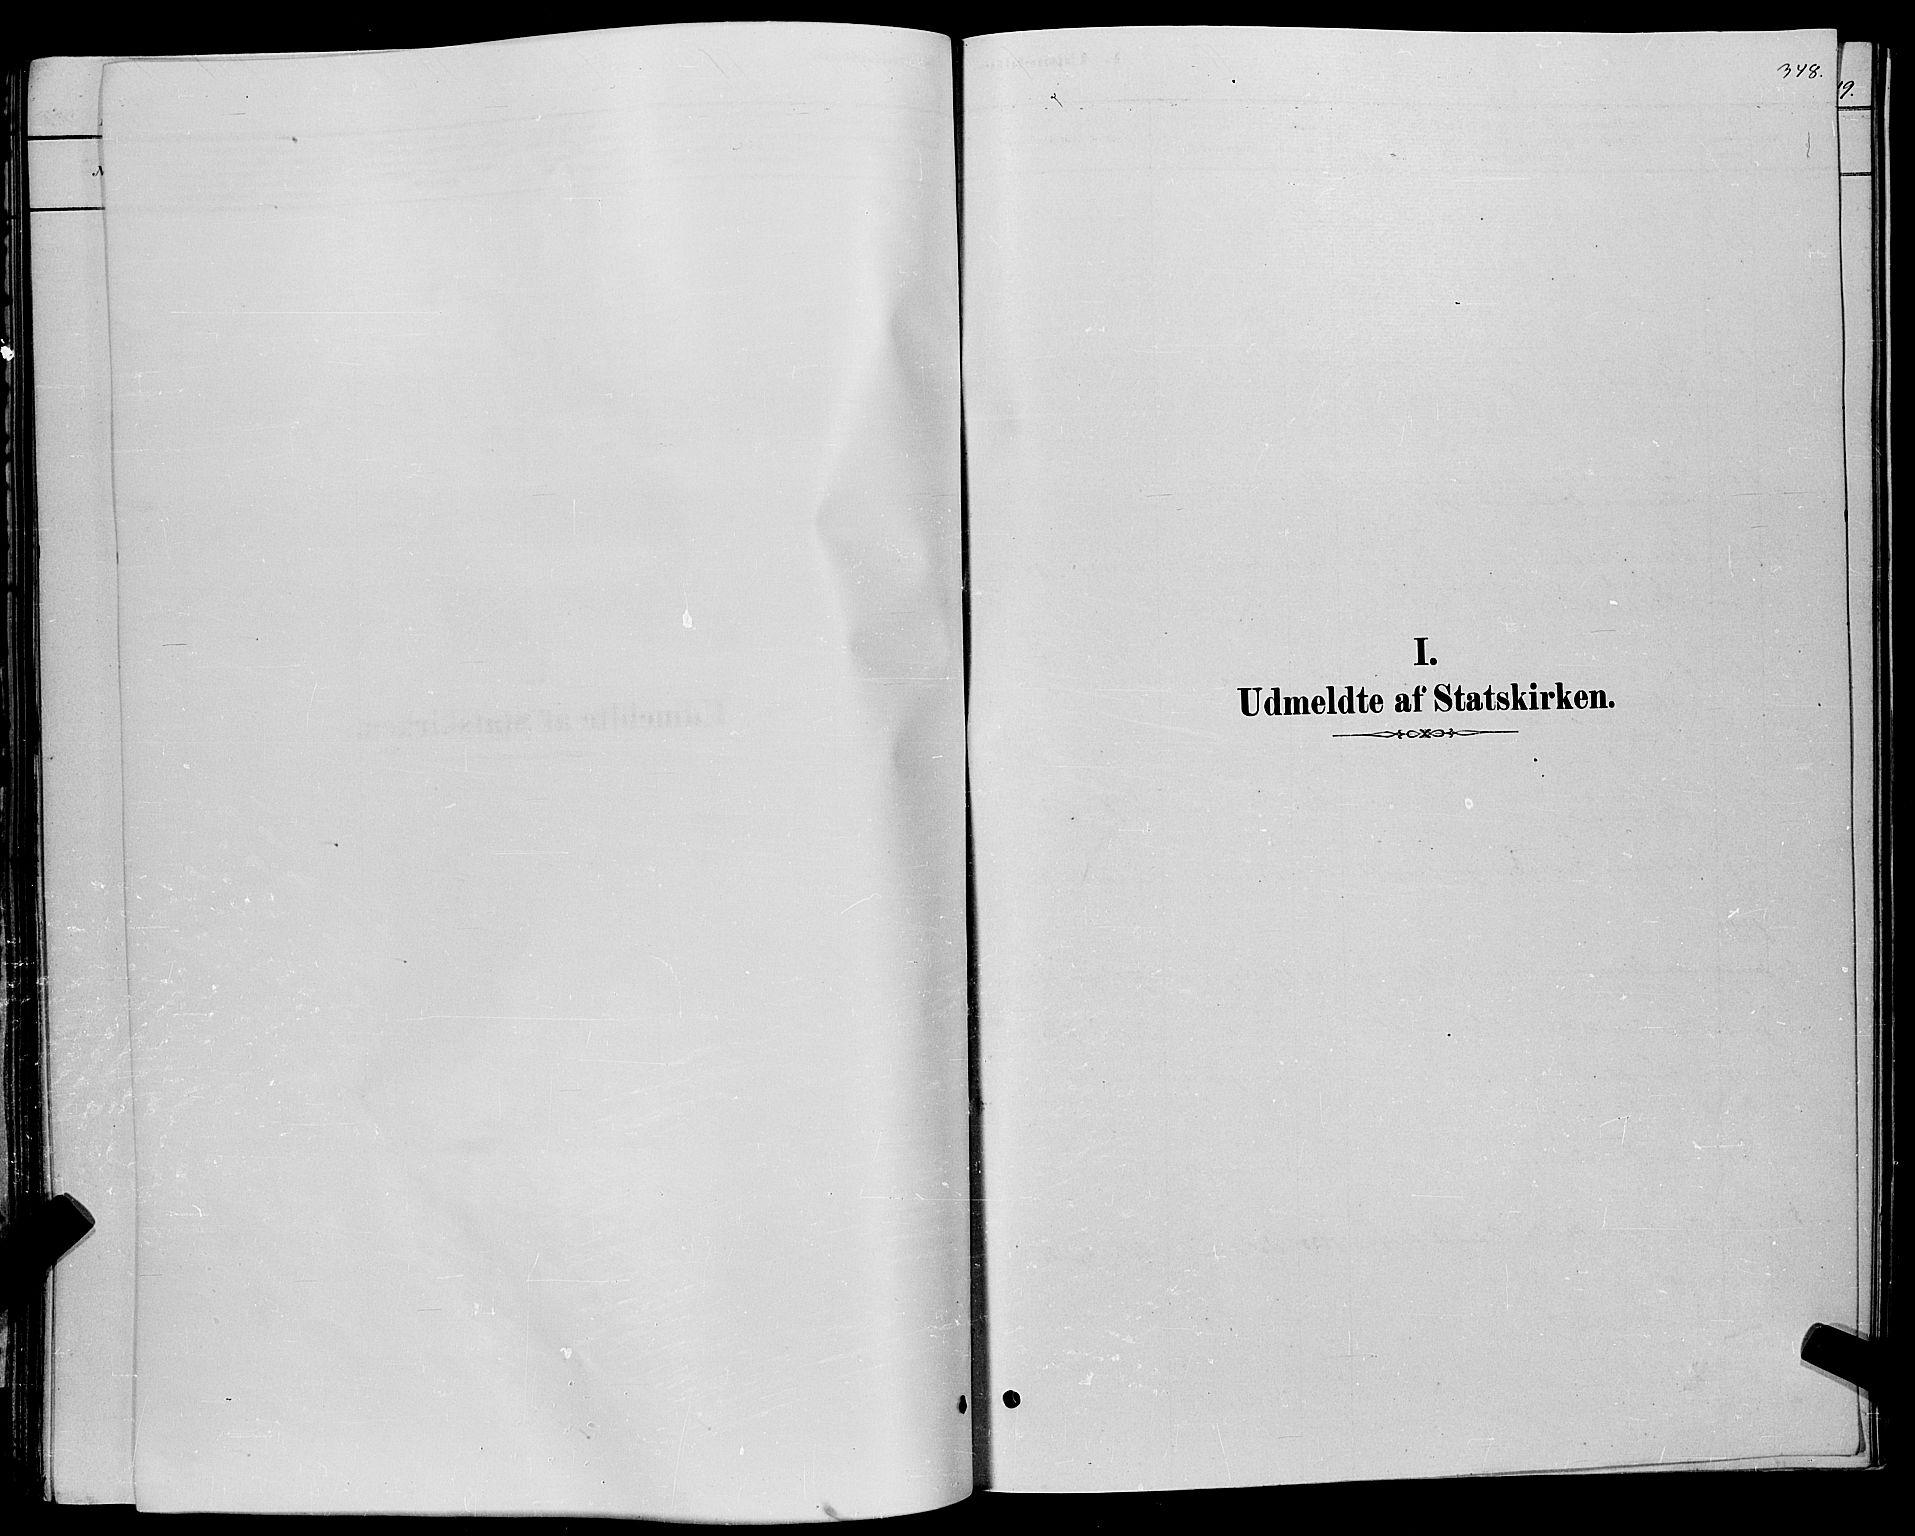 SAT, Ministerialprotokoller, klokkerbøker og fødselsregistre - Møre og Romsdal, 529/L0466: Klokkerbok nr. 529C03, 1878-1888, s. 348